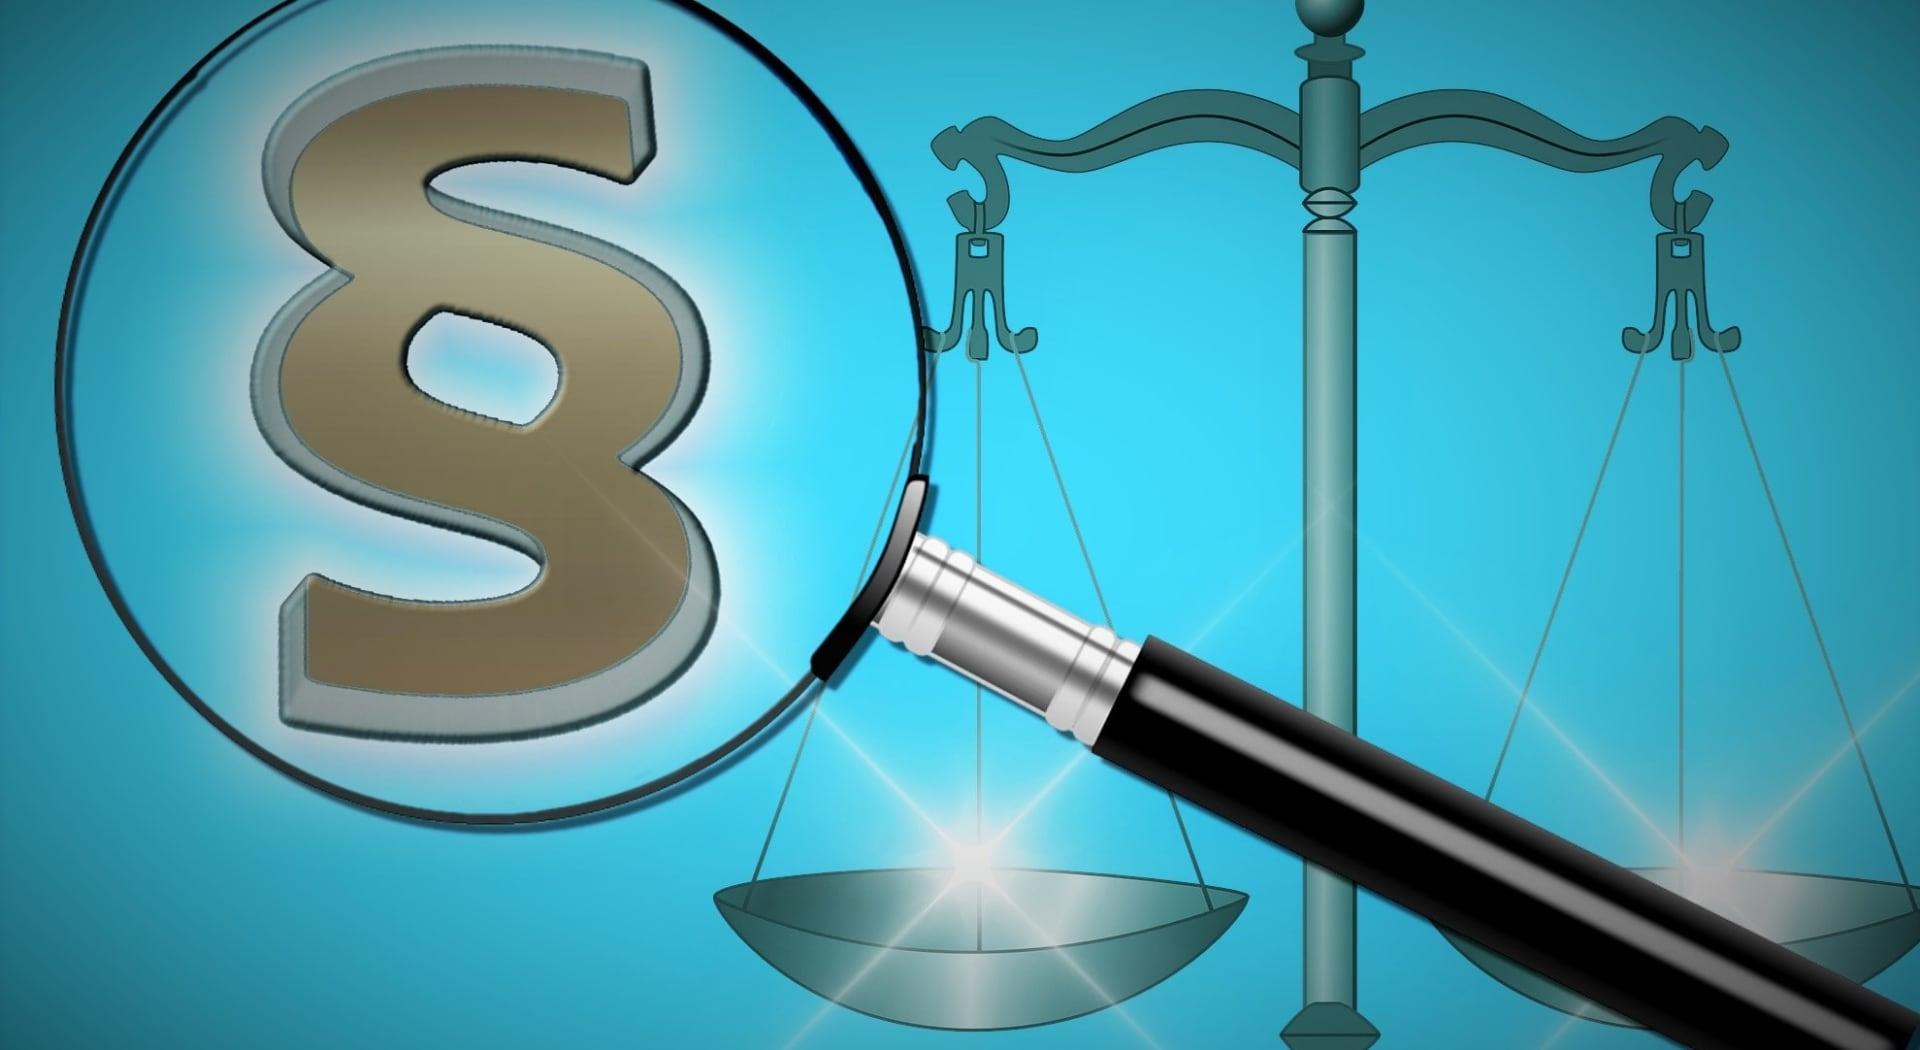 Erstatning ved ulykke skal dekke økonomisk tap. Våre advokater hjelper deg kreve erstatning.